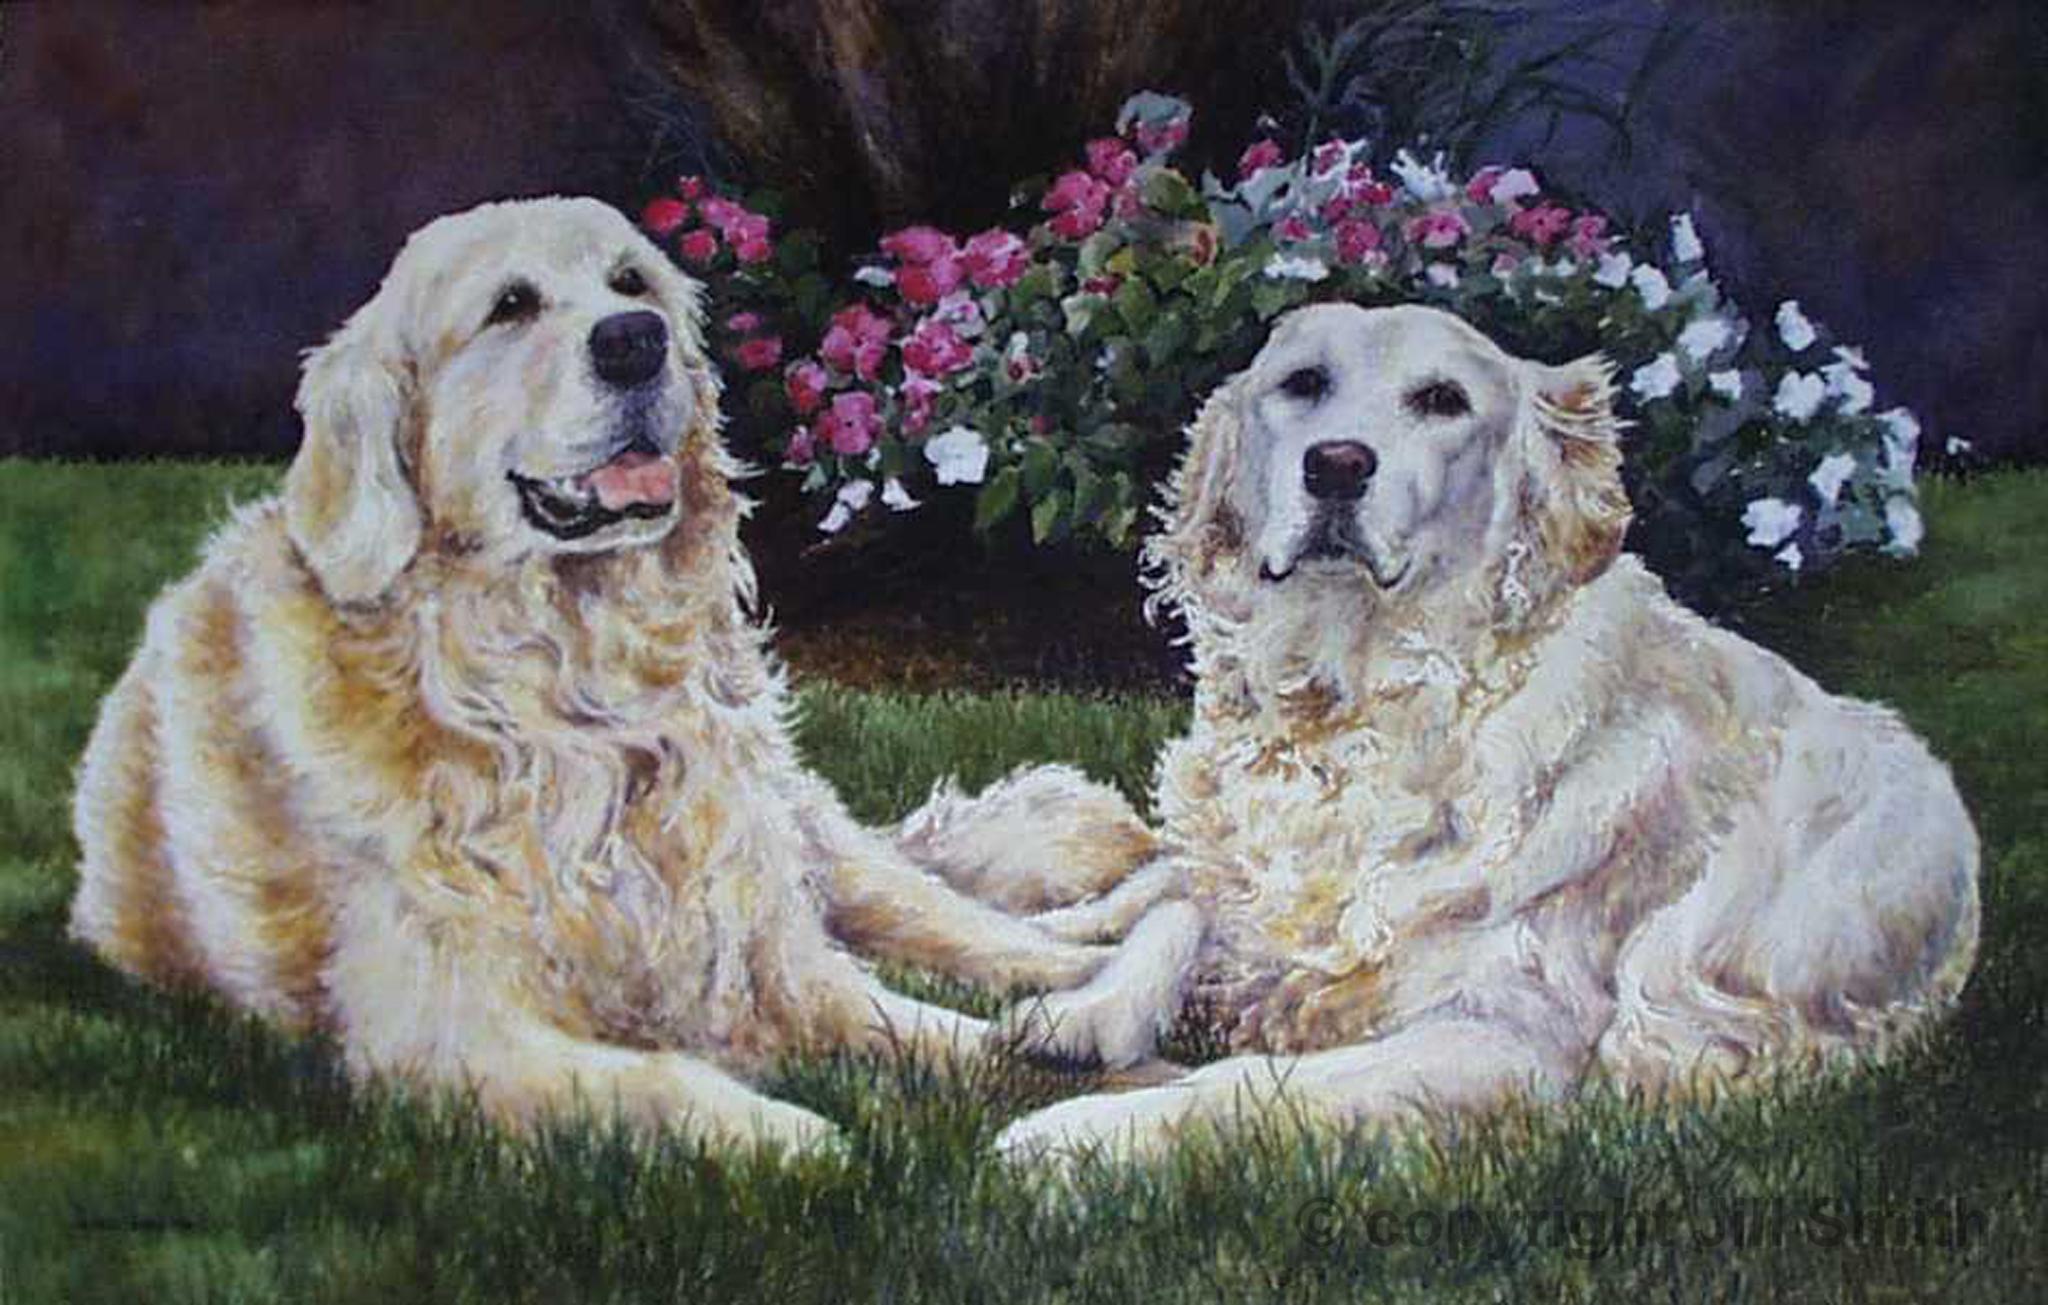 Teddy and Joy